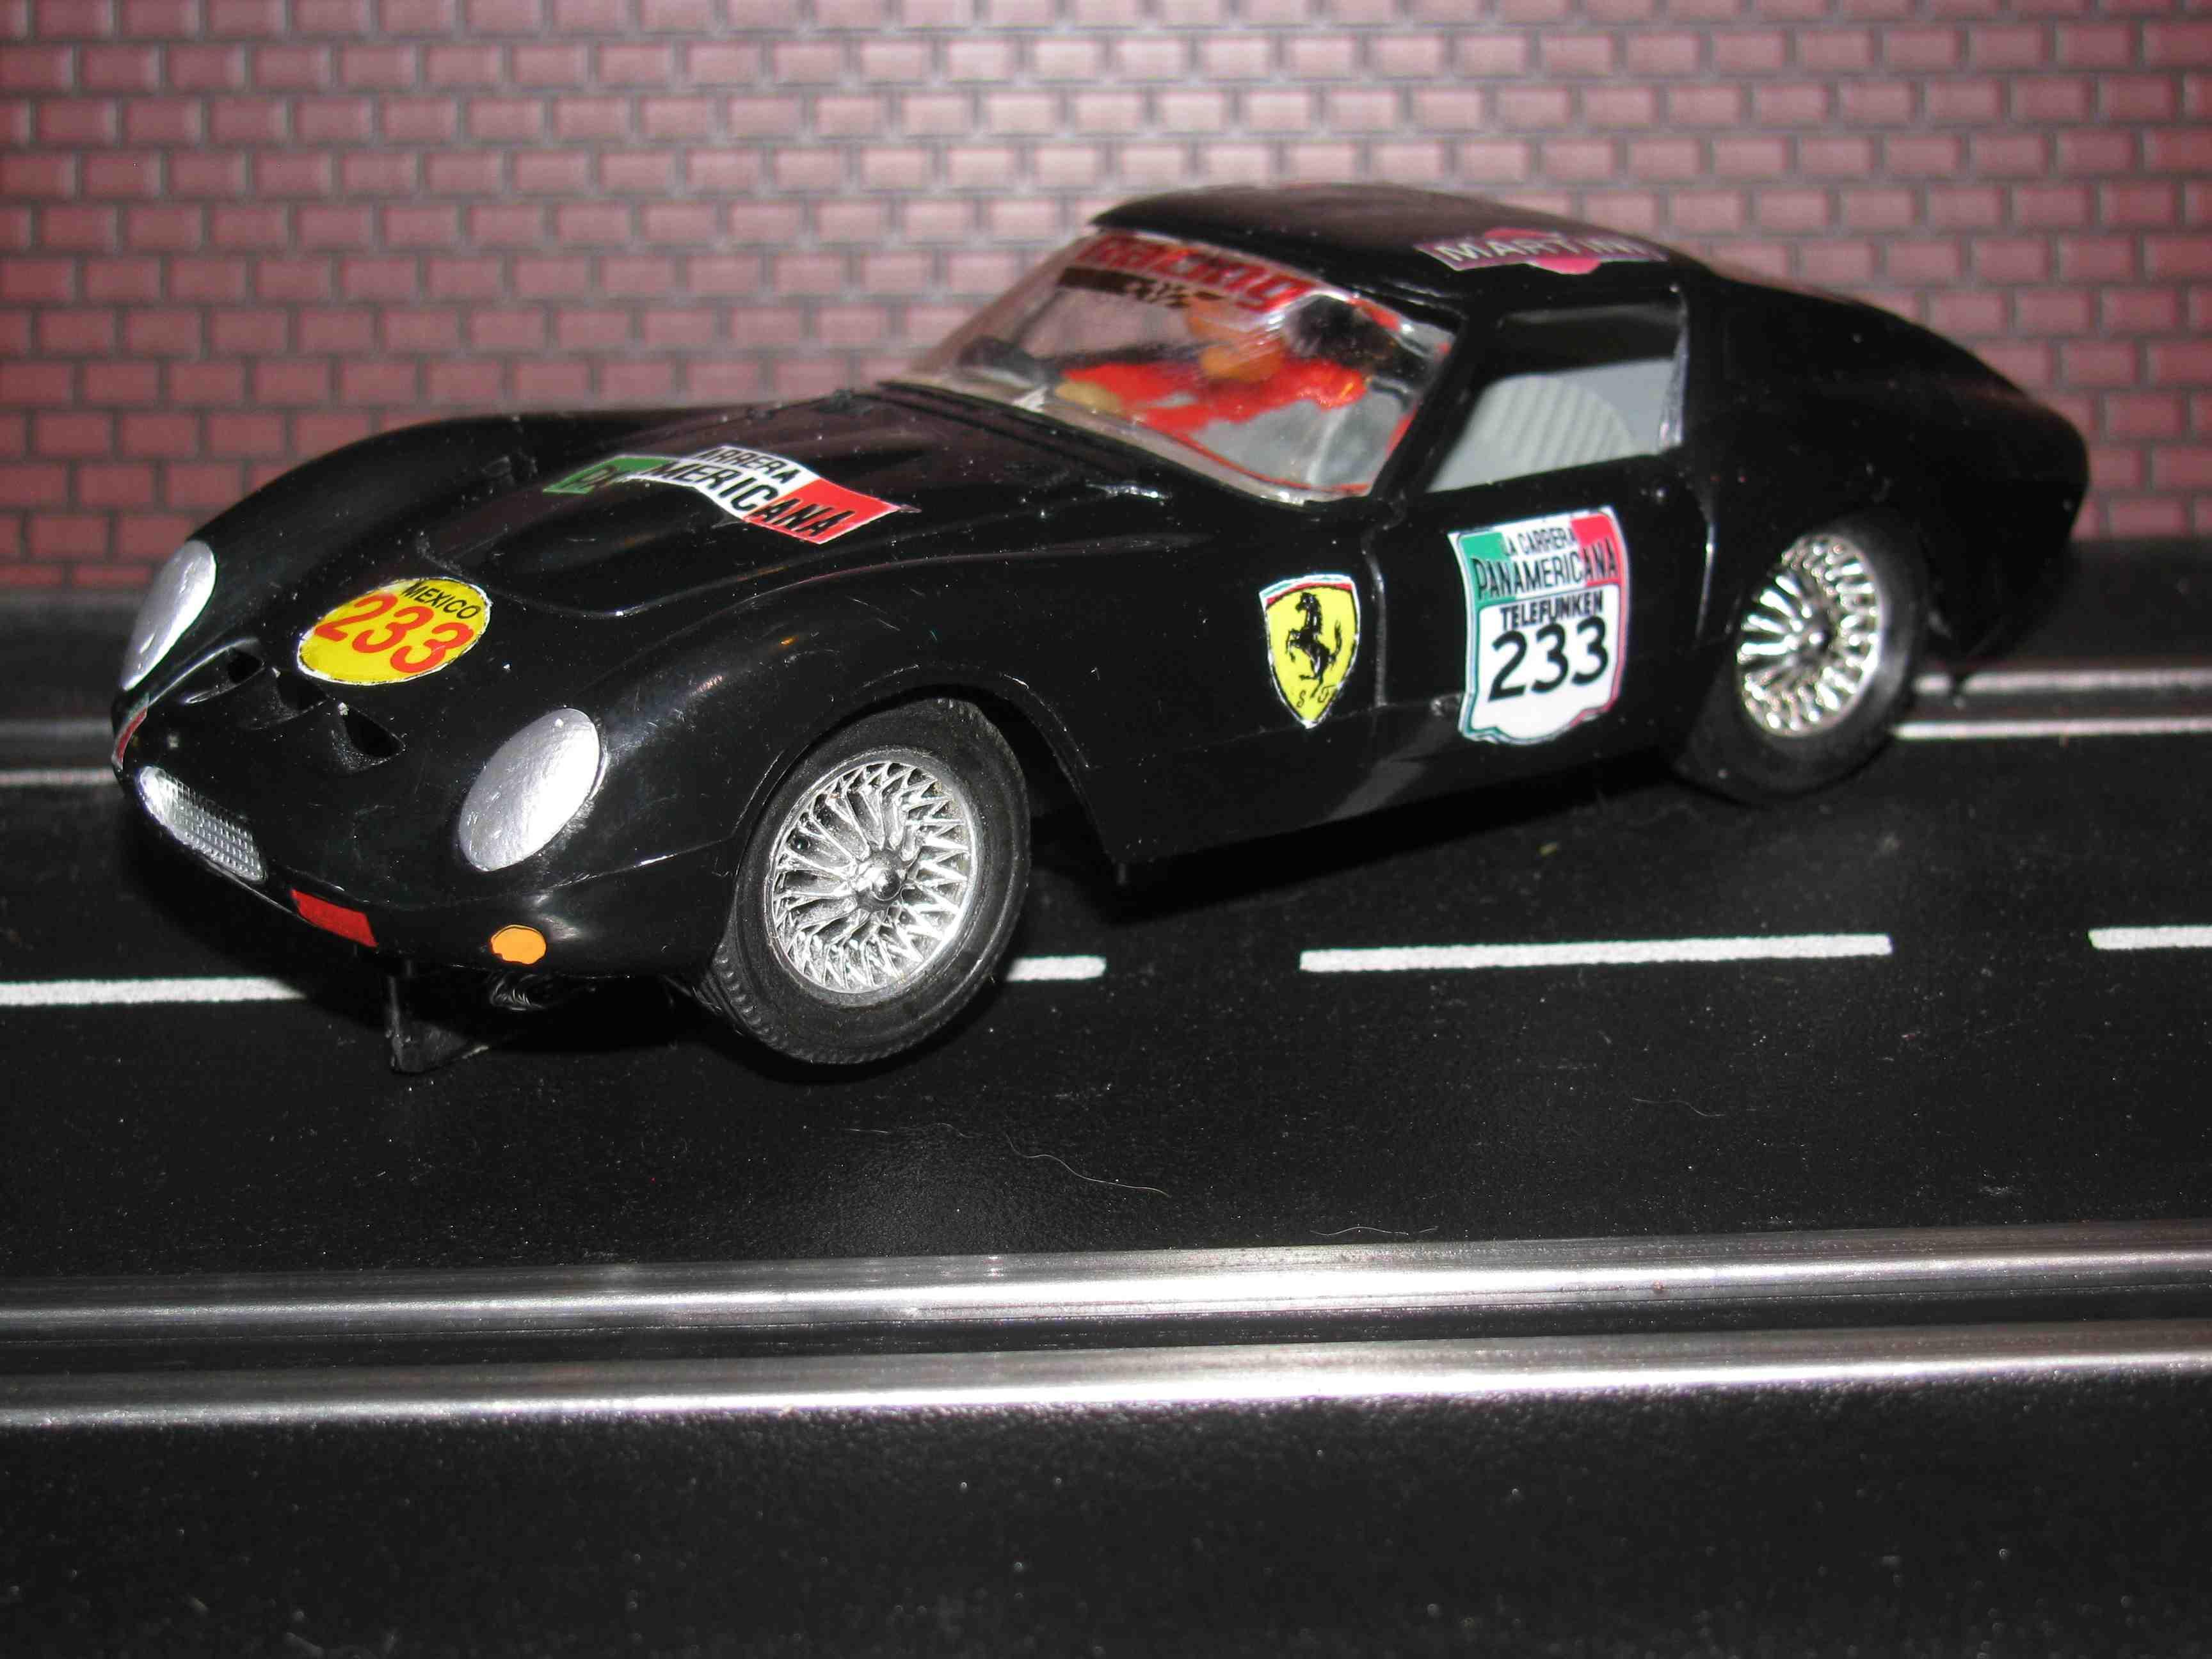 * SOLD * Strombecker 1963 Ferrari 250 GTO Slot Car 1/32 Scale – Car 233